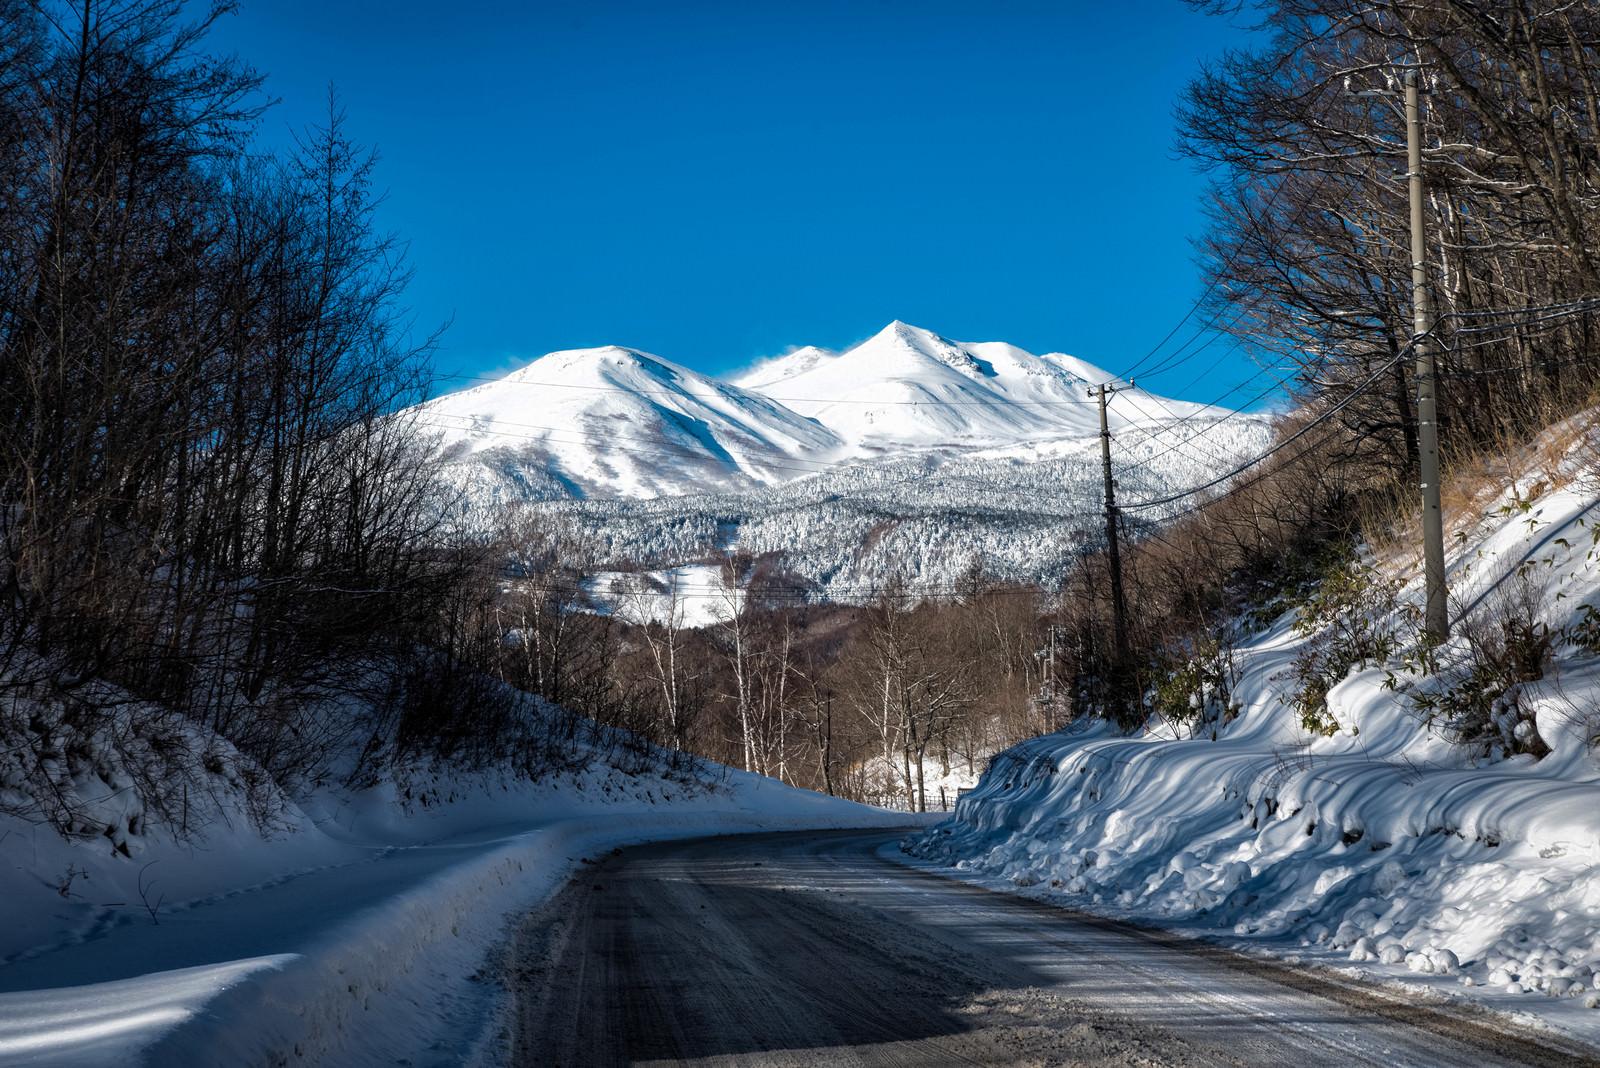 「乗鞍岳へと続く残雪の道路」の写真